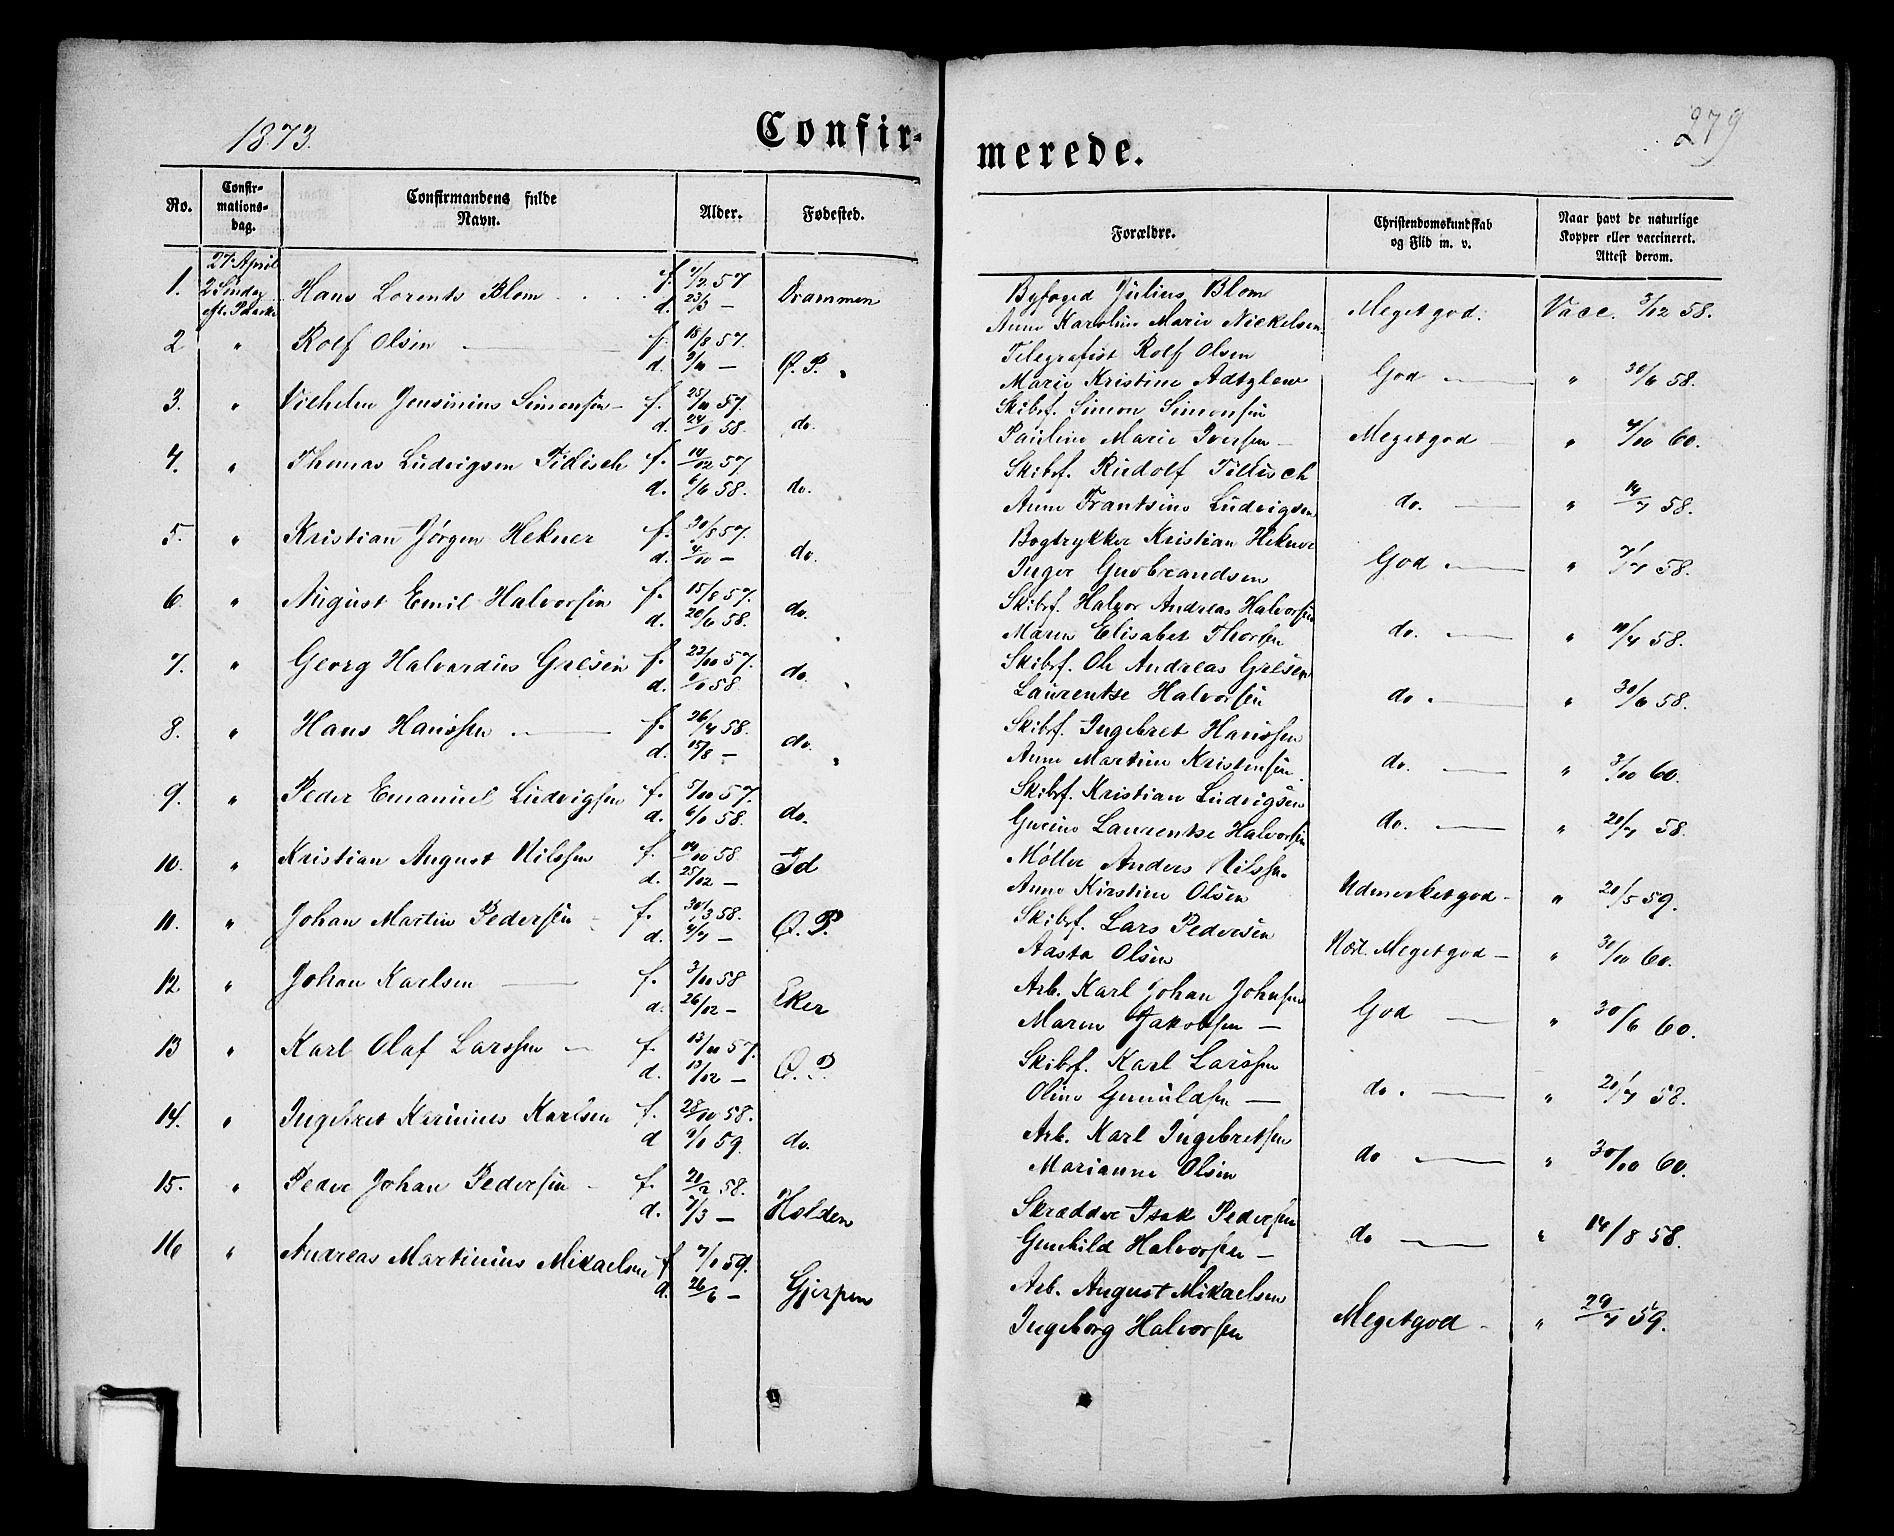 SAKO, Porsgrunn kirkebøker , G/Gb/L0004: Klokkerbok nr. II 4, 1853-1882, s. 279